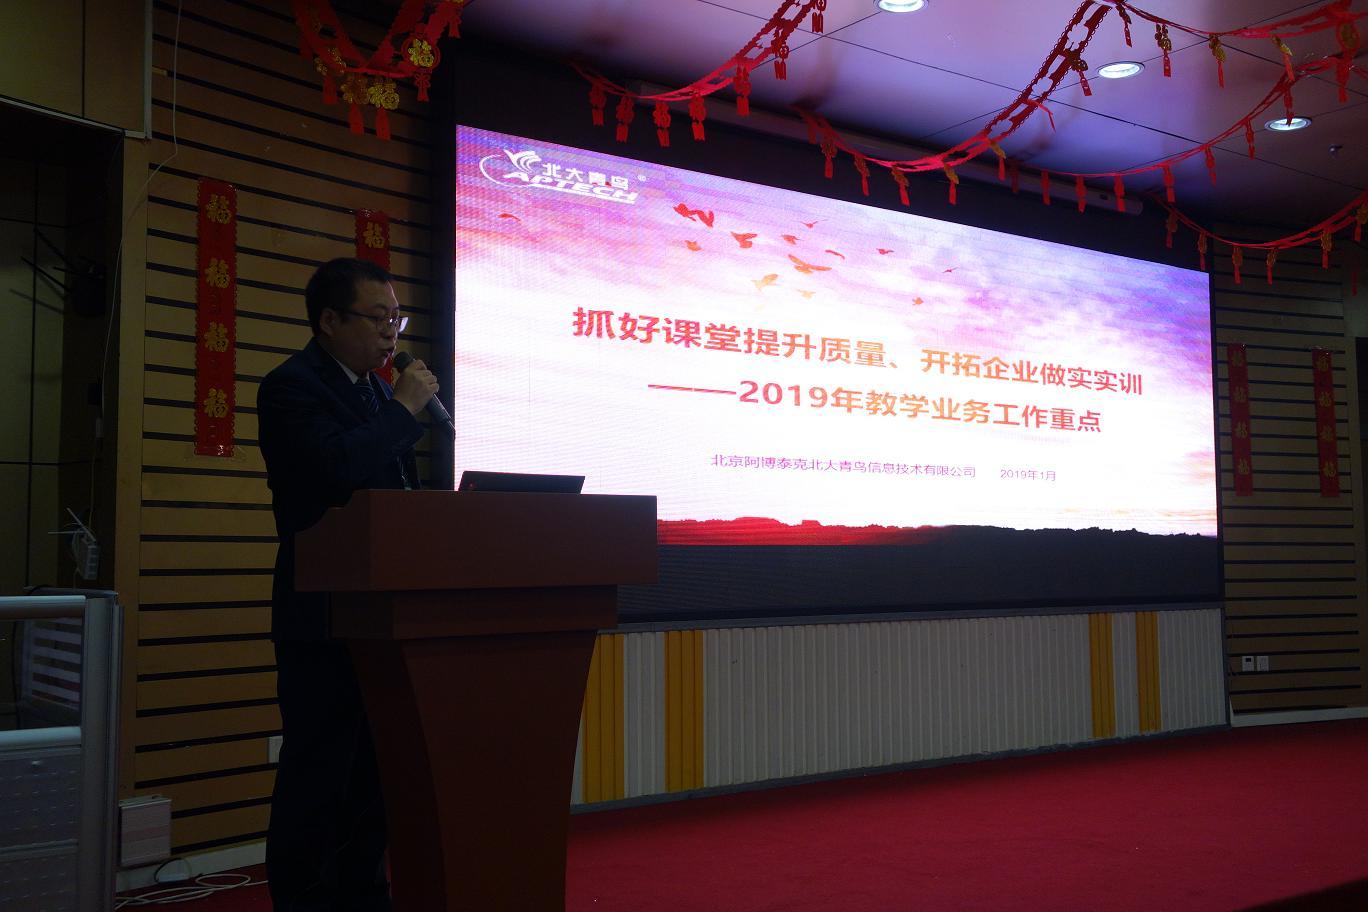 2019年北大青鸟APTECH华北区域第一季度业务研讨会